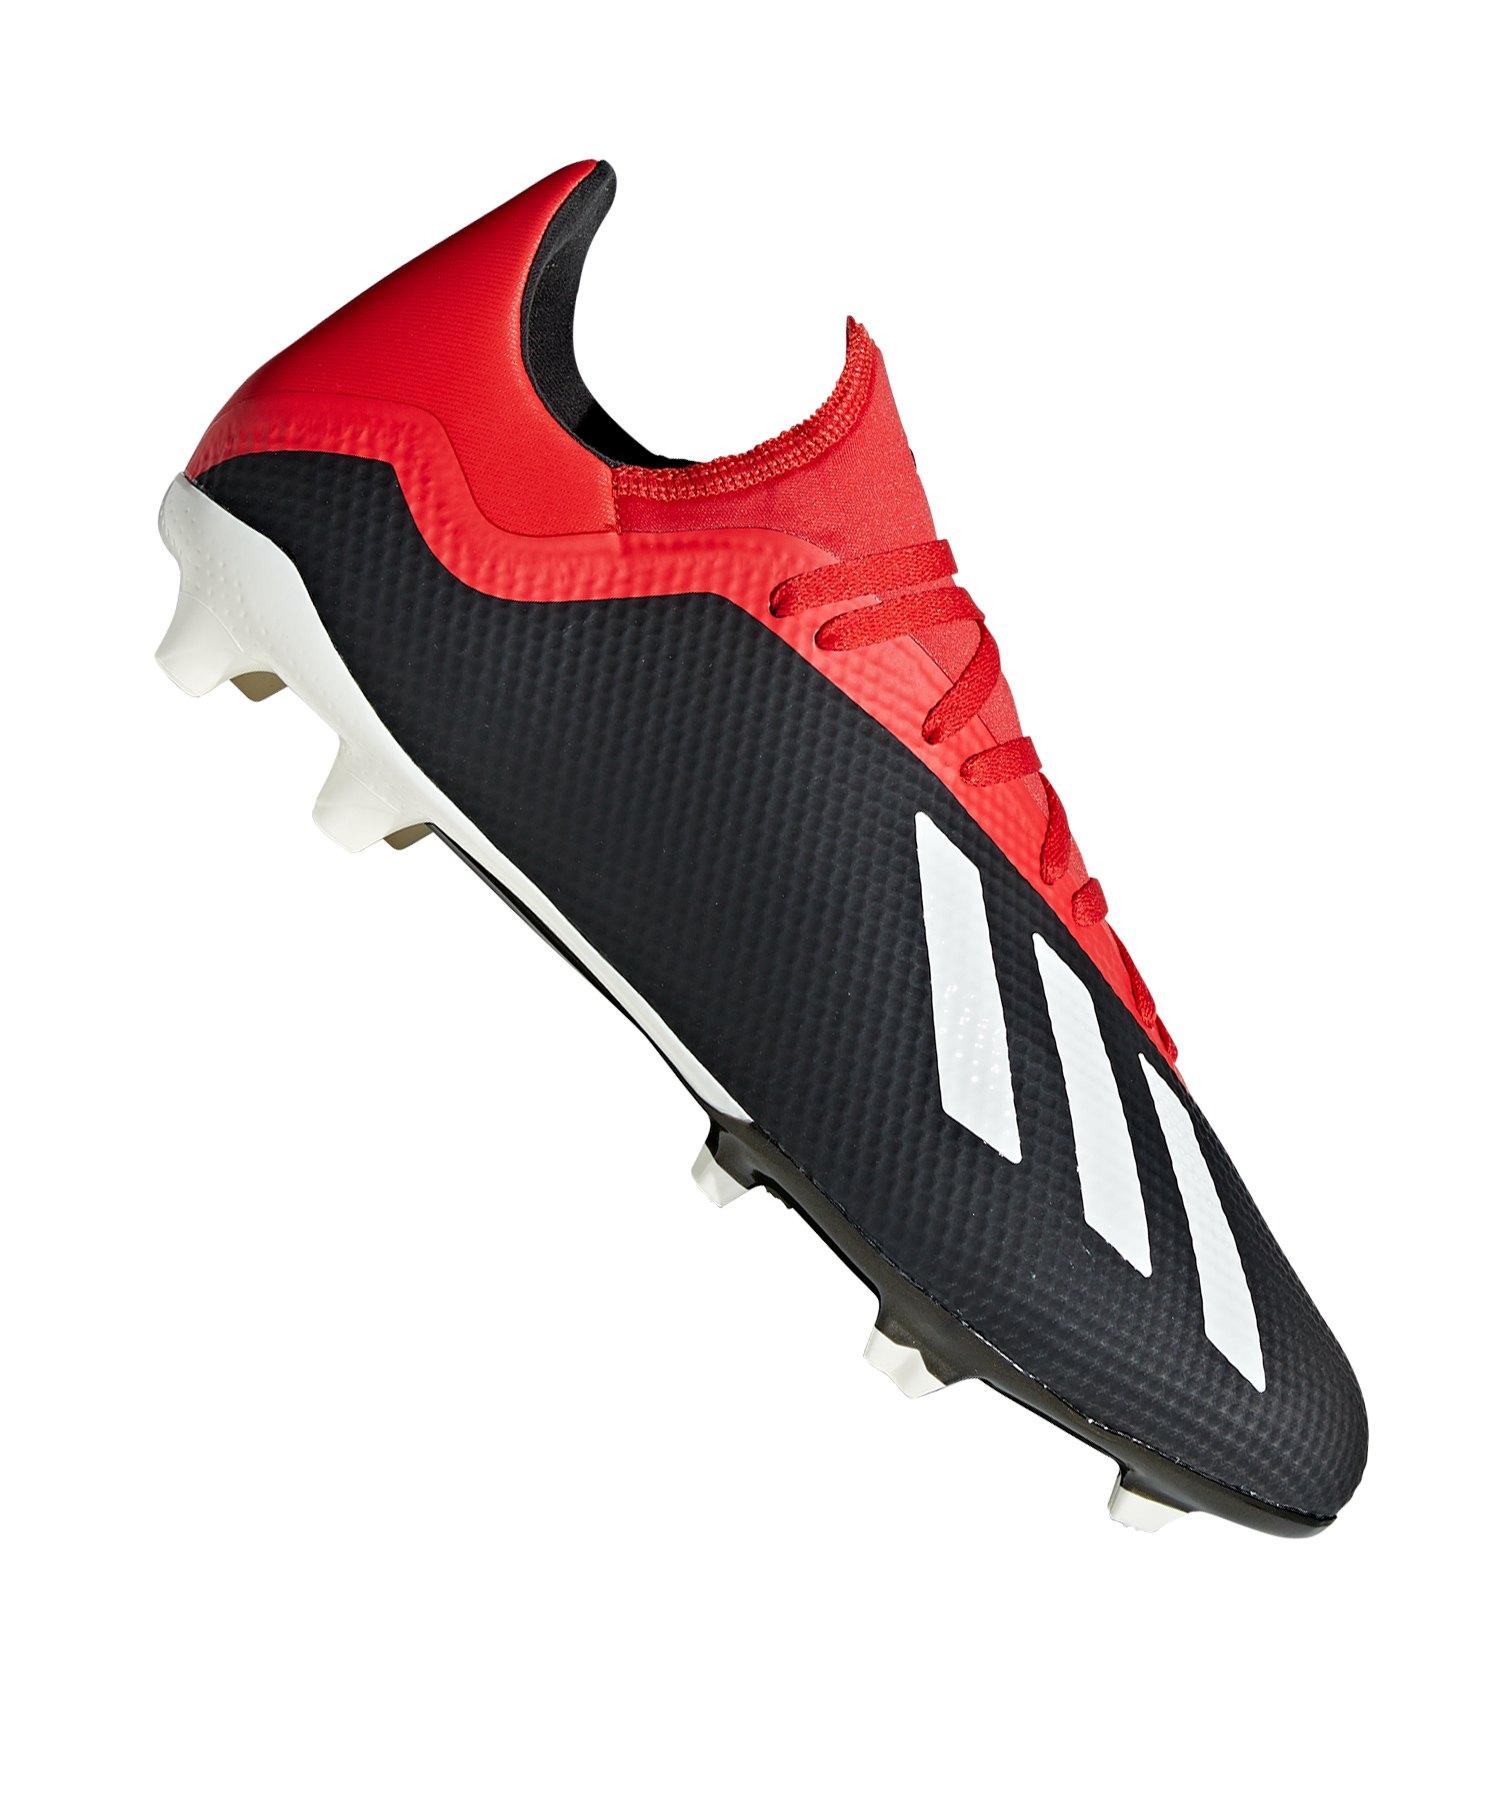 adidas X 18.3 FG Schwarz Rot - schwarz